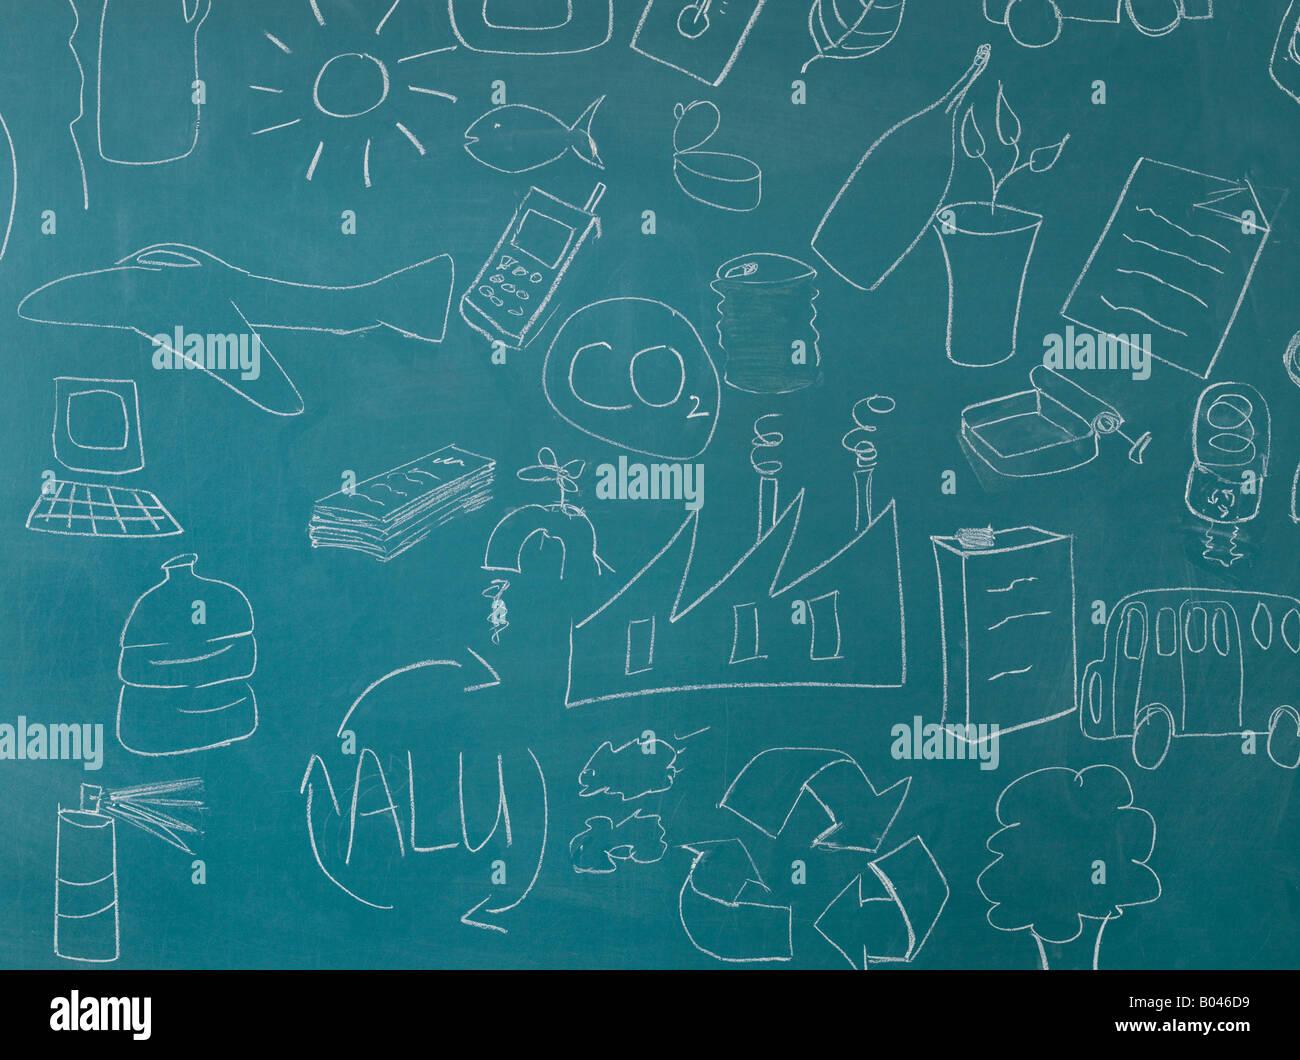 Illustrations de recyclage sur tableau noir Photo Stock